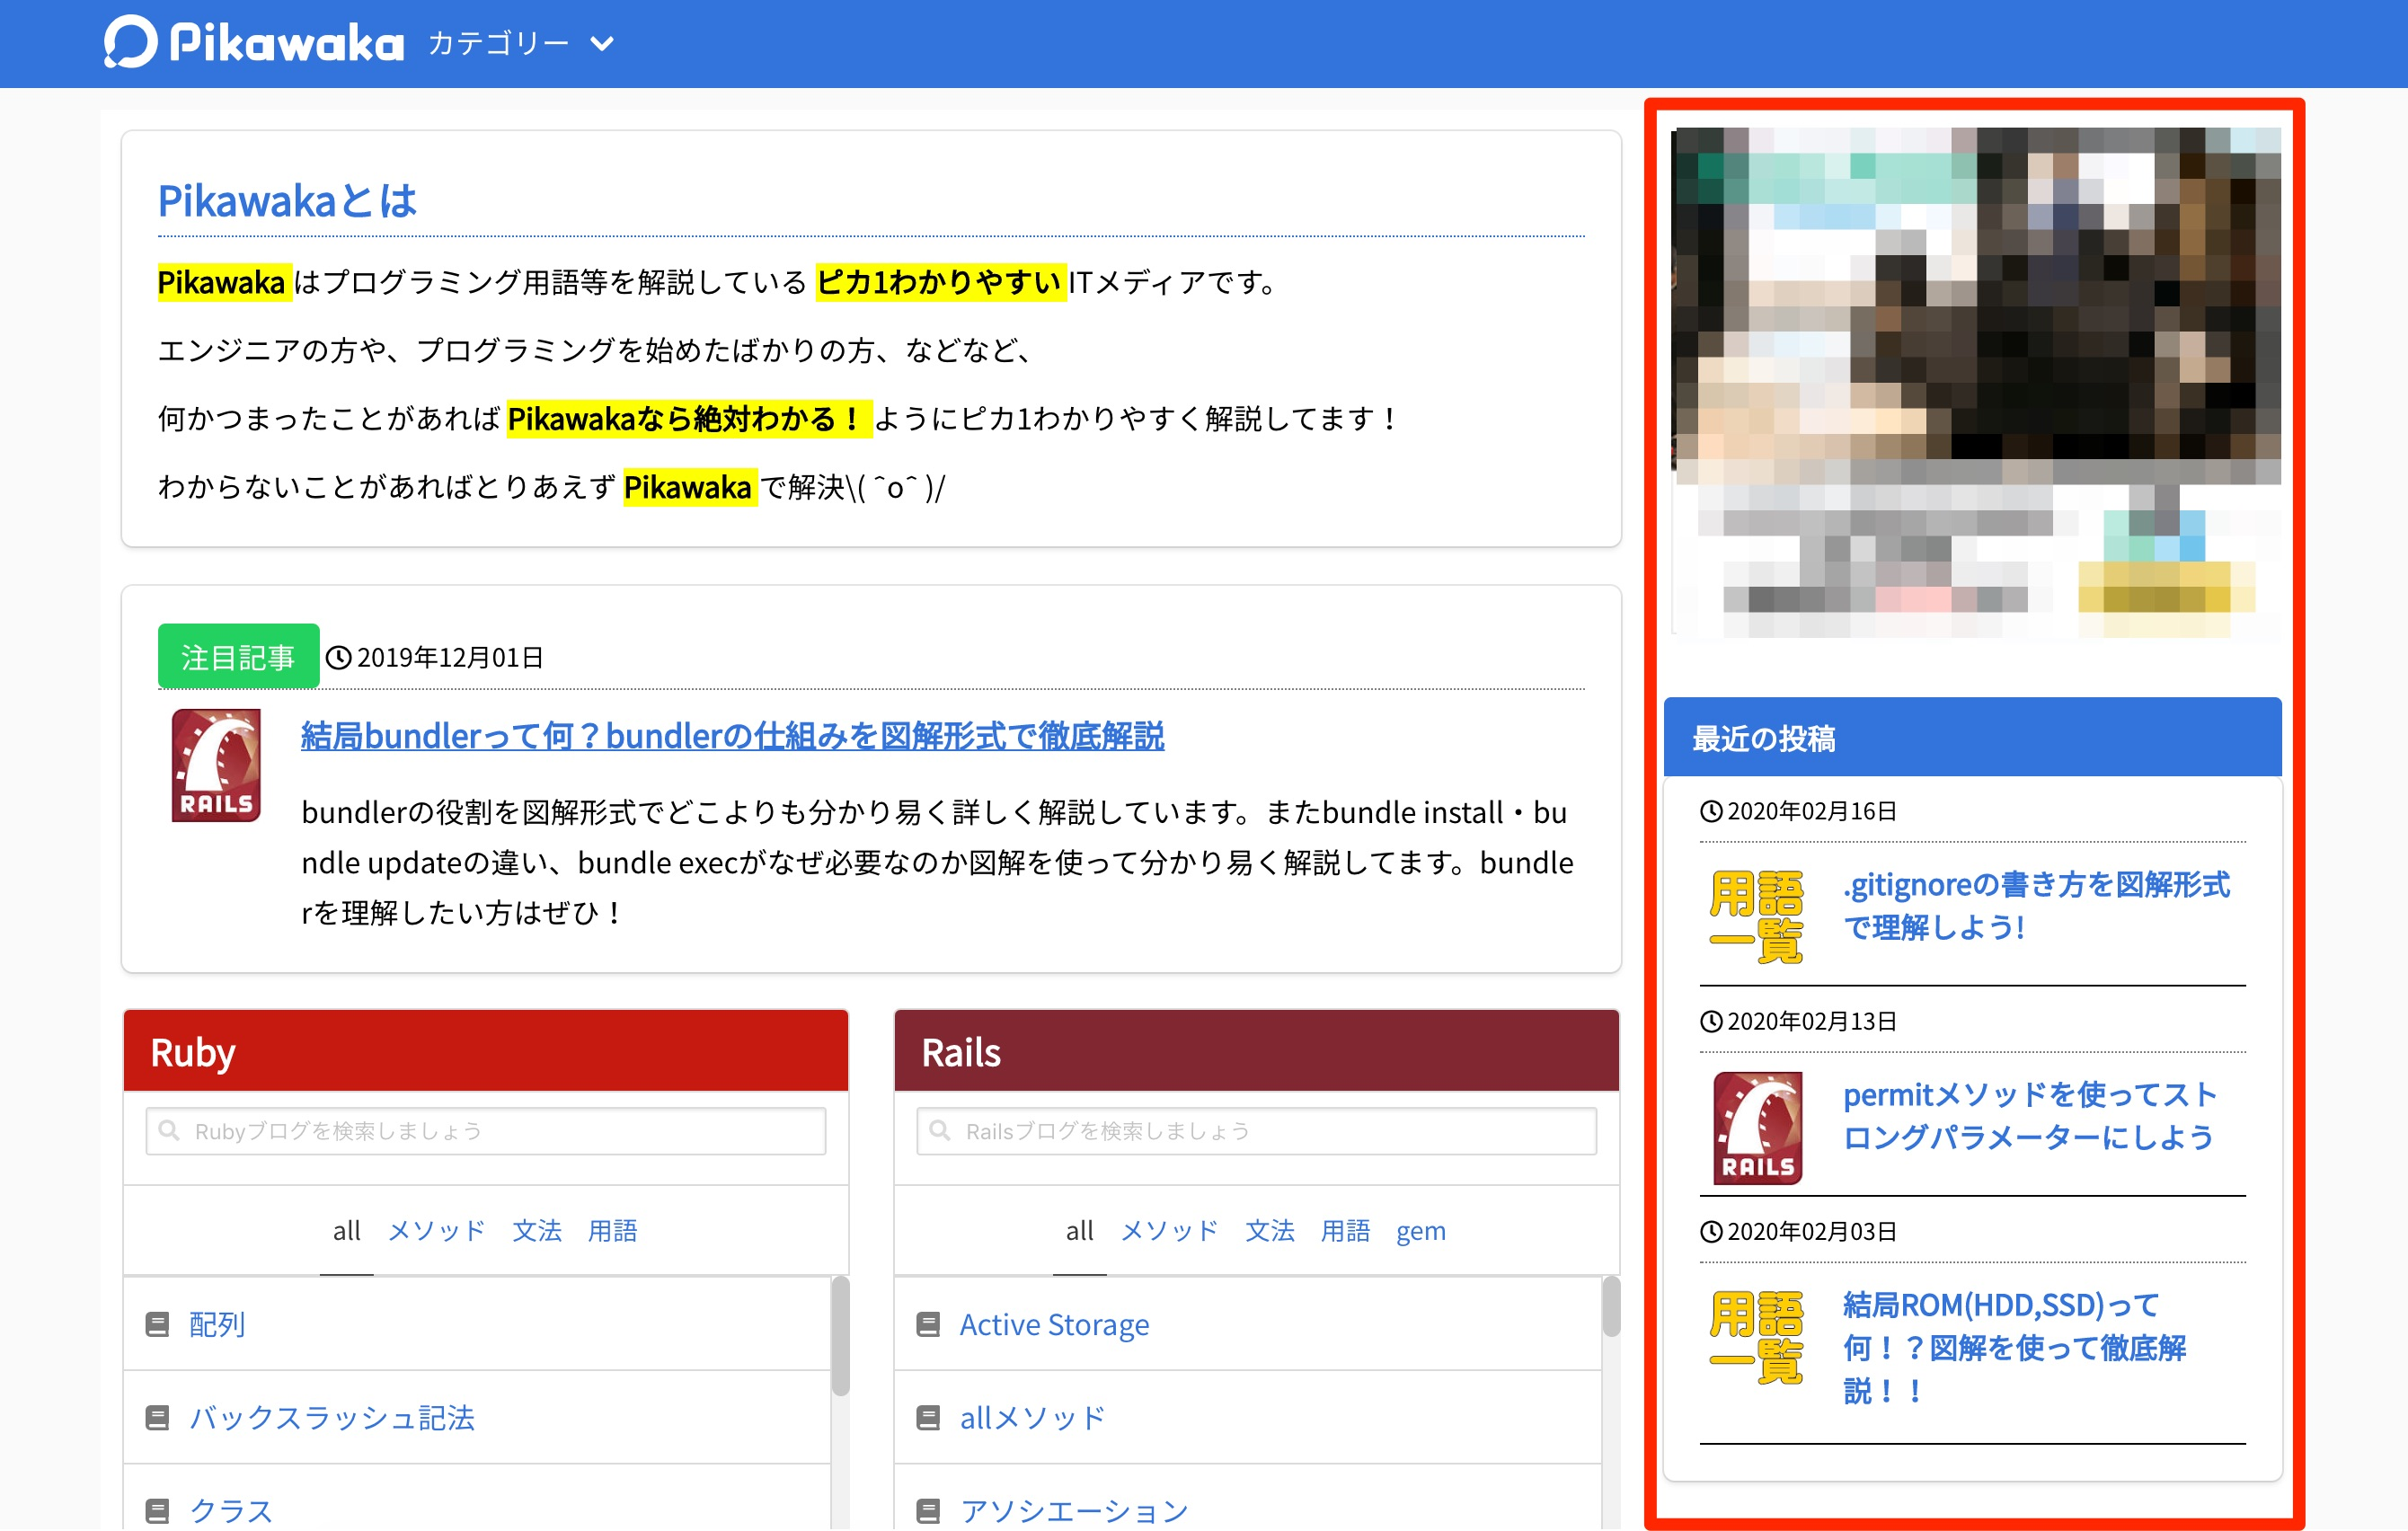 pikawakaトップページ